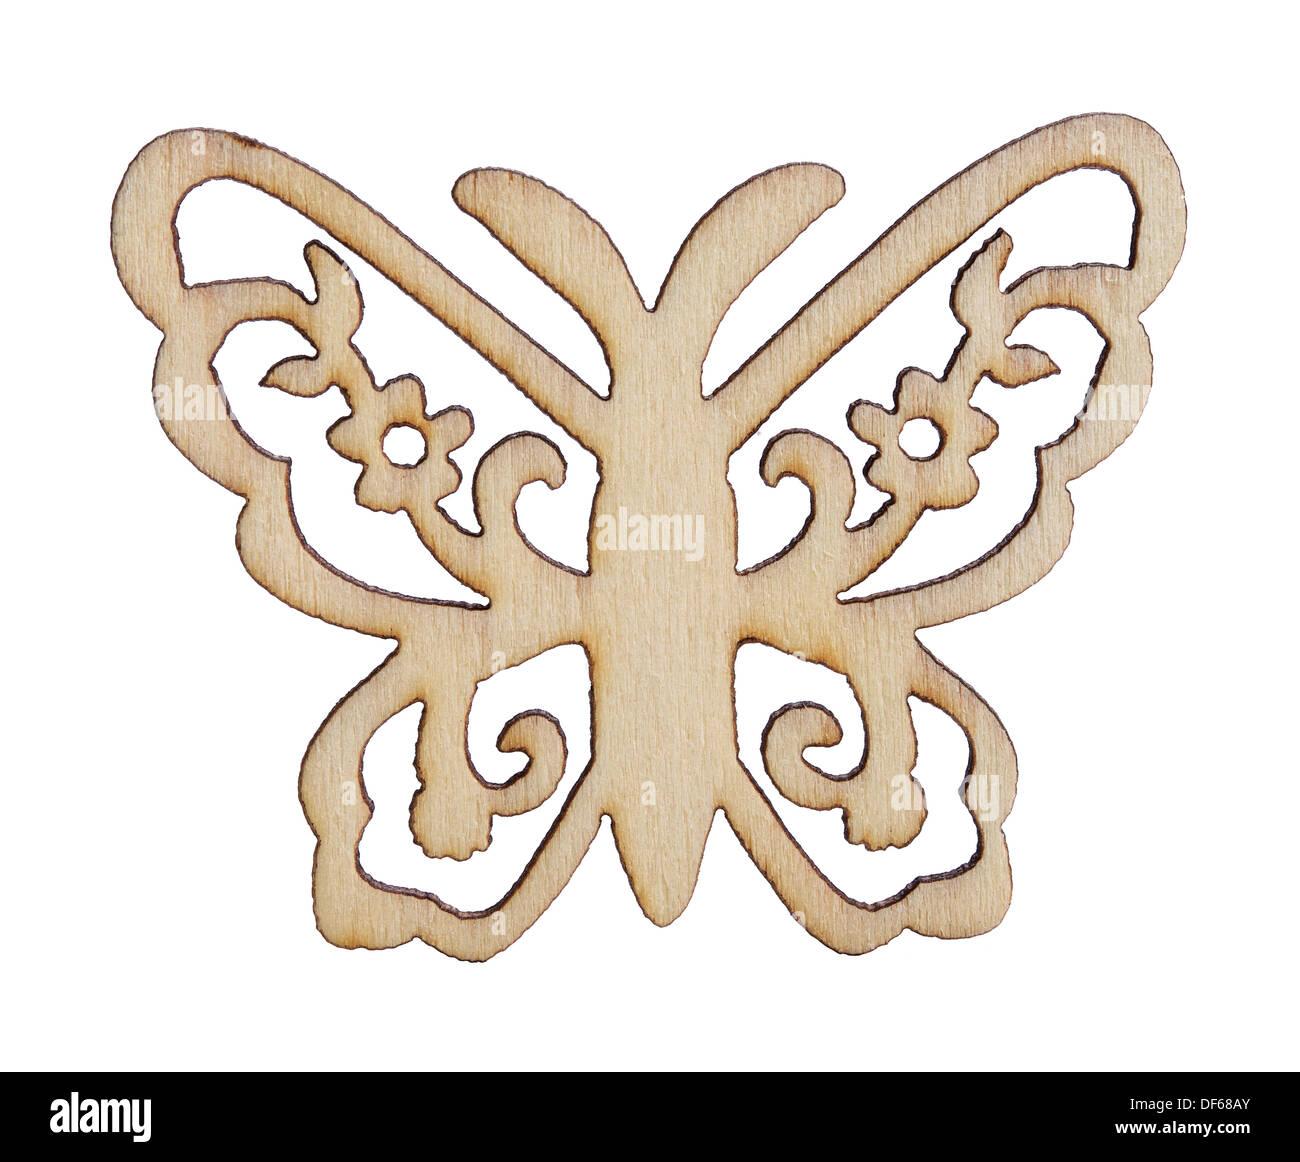 Laser cut wooden butterfly shape - Stock Image